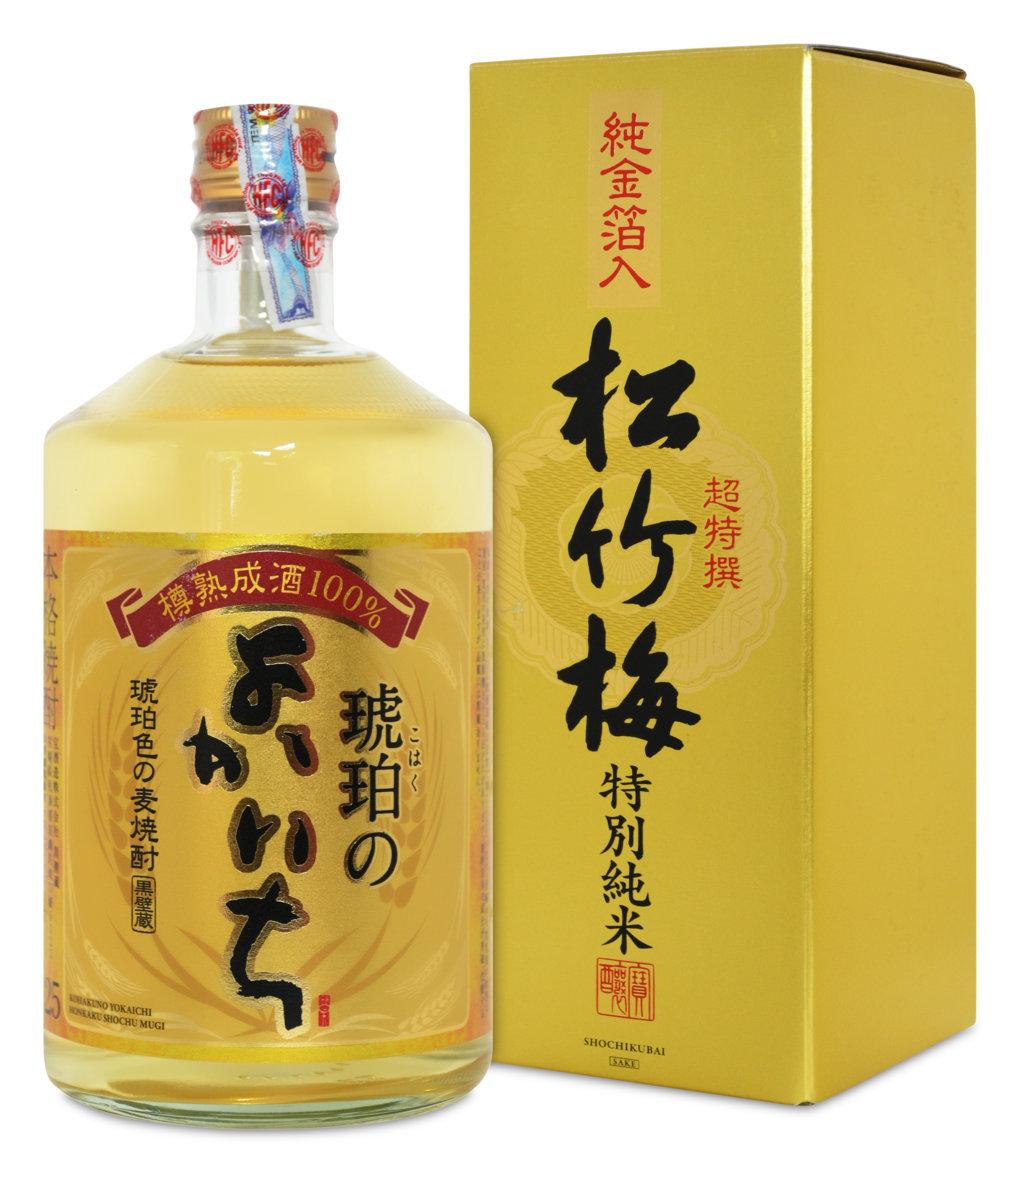 Kohaku No Yokaichi Barley Shochu 720ml